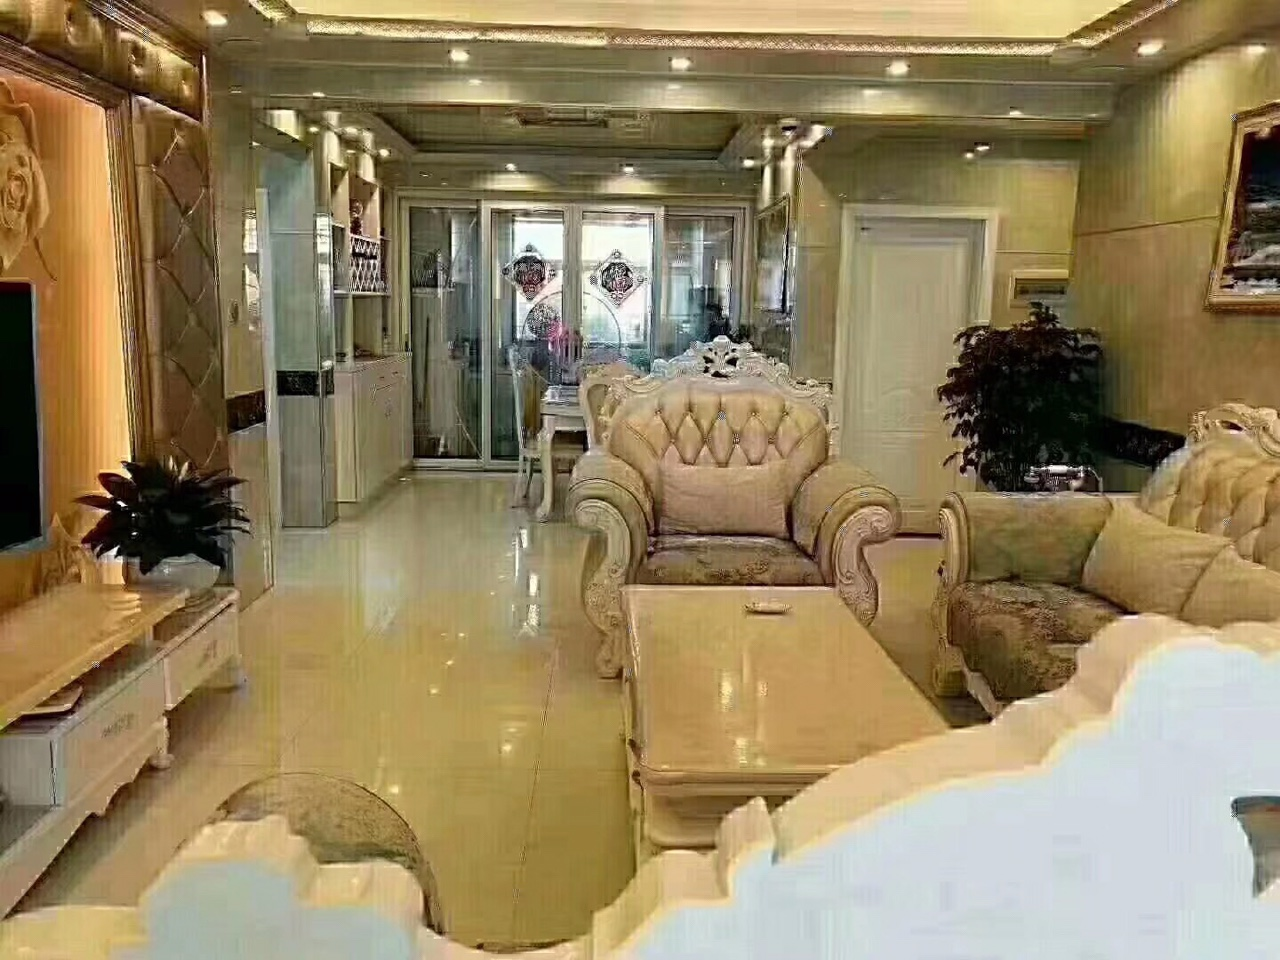 稀缺江景房源,汇金广场豪华装修3室128万元